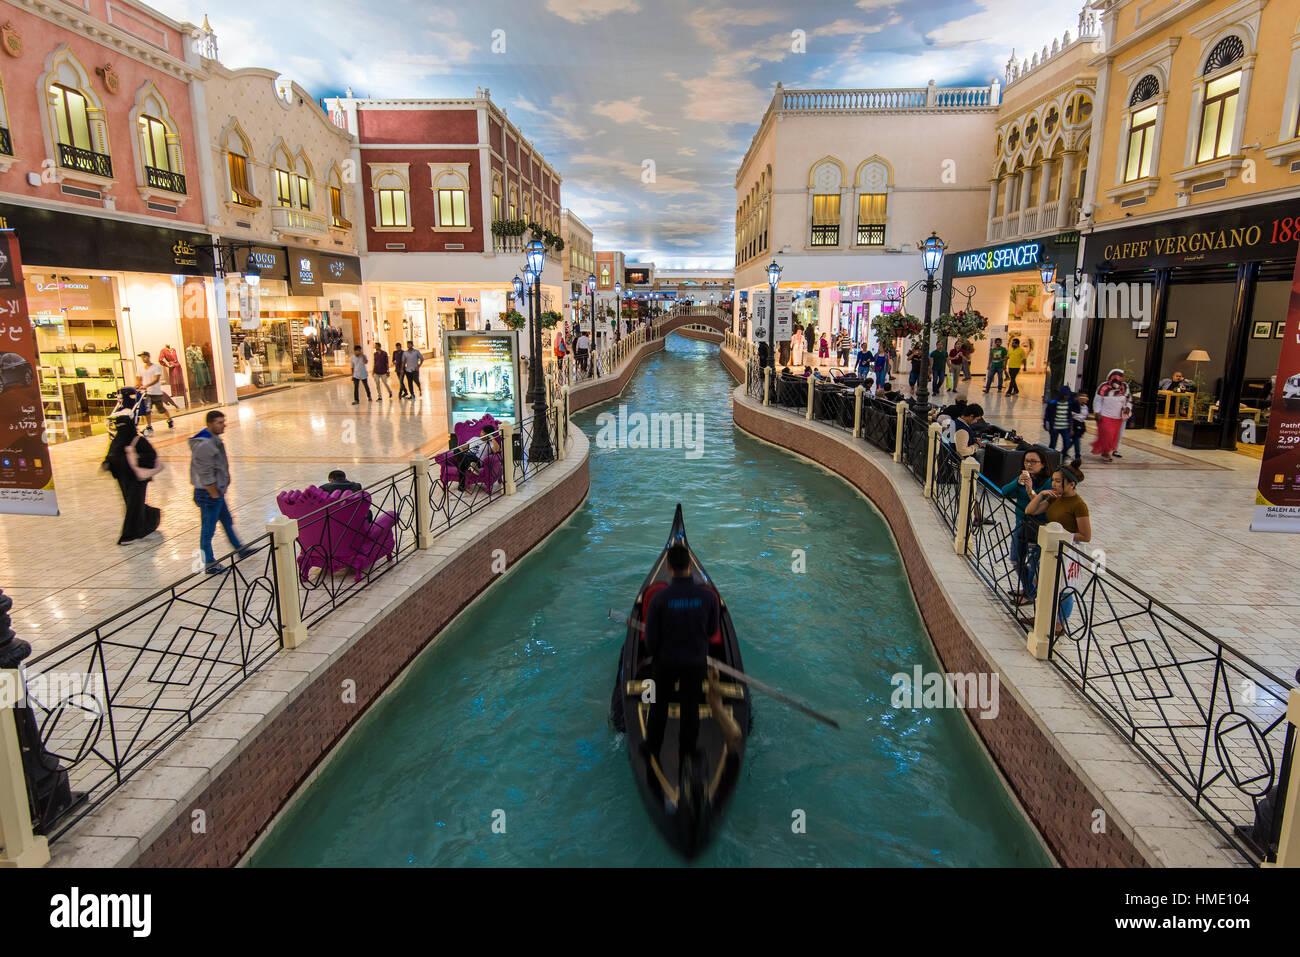 Vue sur le thème de Venise italien de l'intérieur de Villaggio Mall, Doha, Qatar Photo Stock